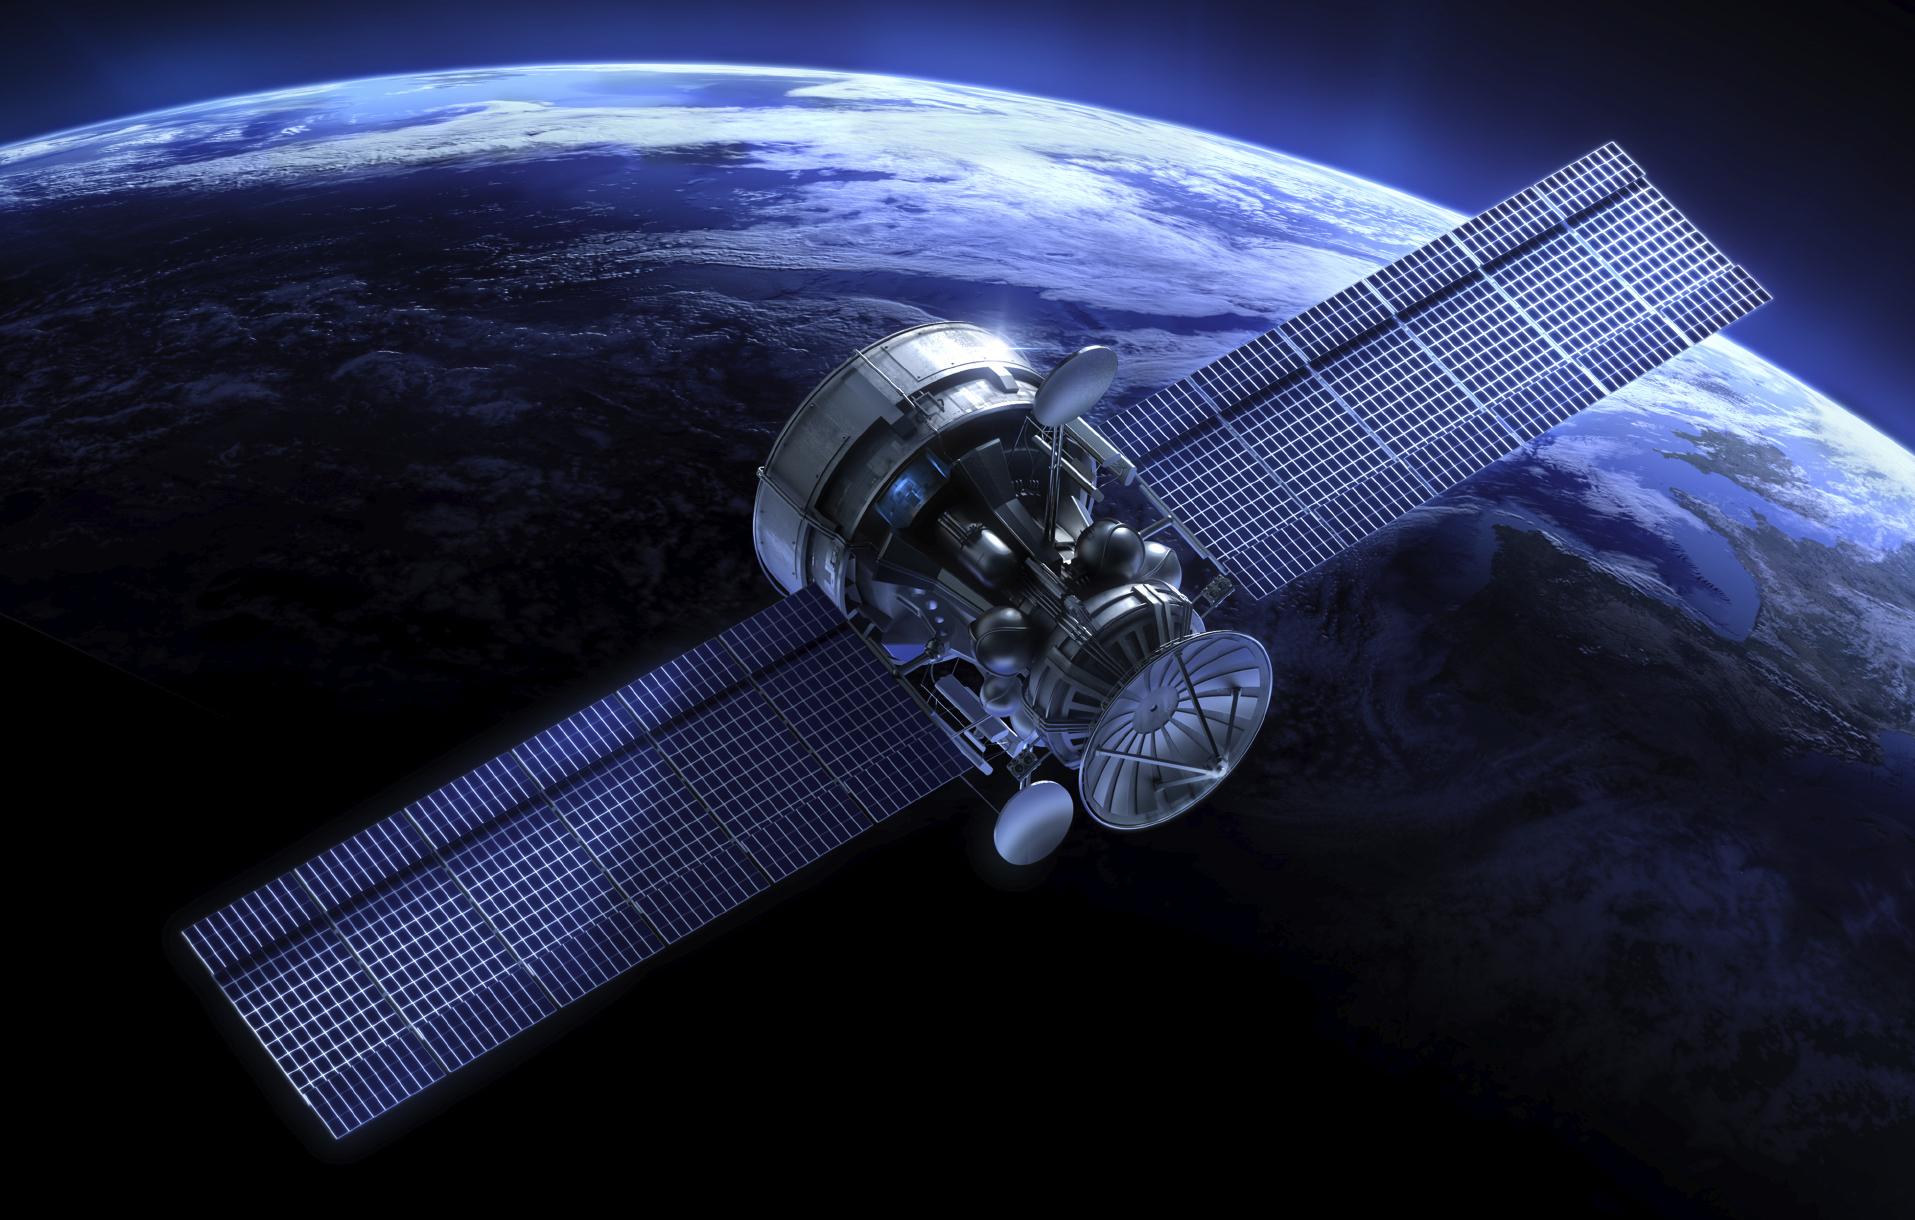 Civilingenjörsutbildning i rymdteknik fyller 20 år